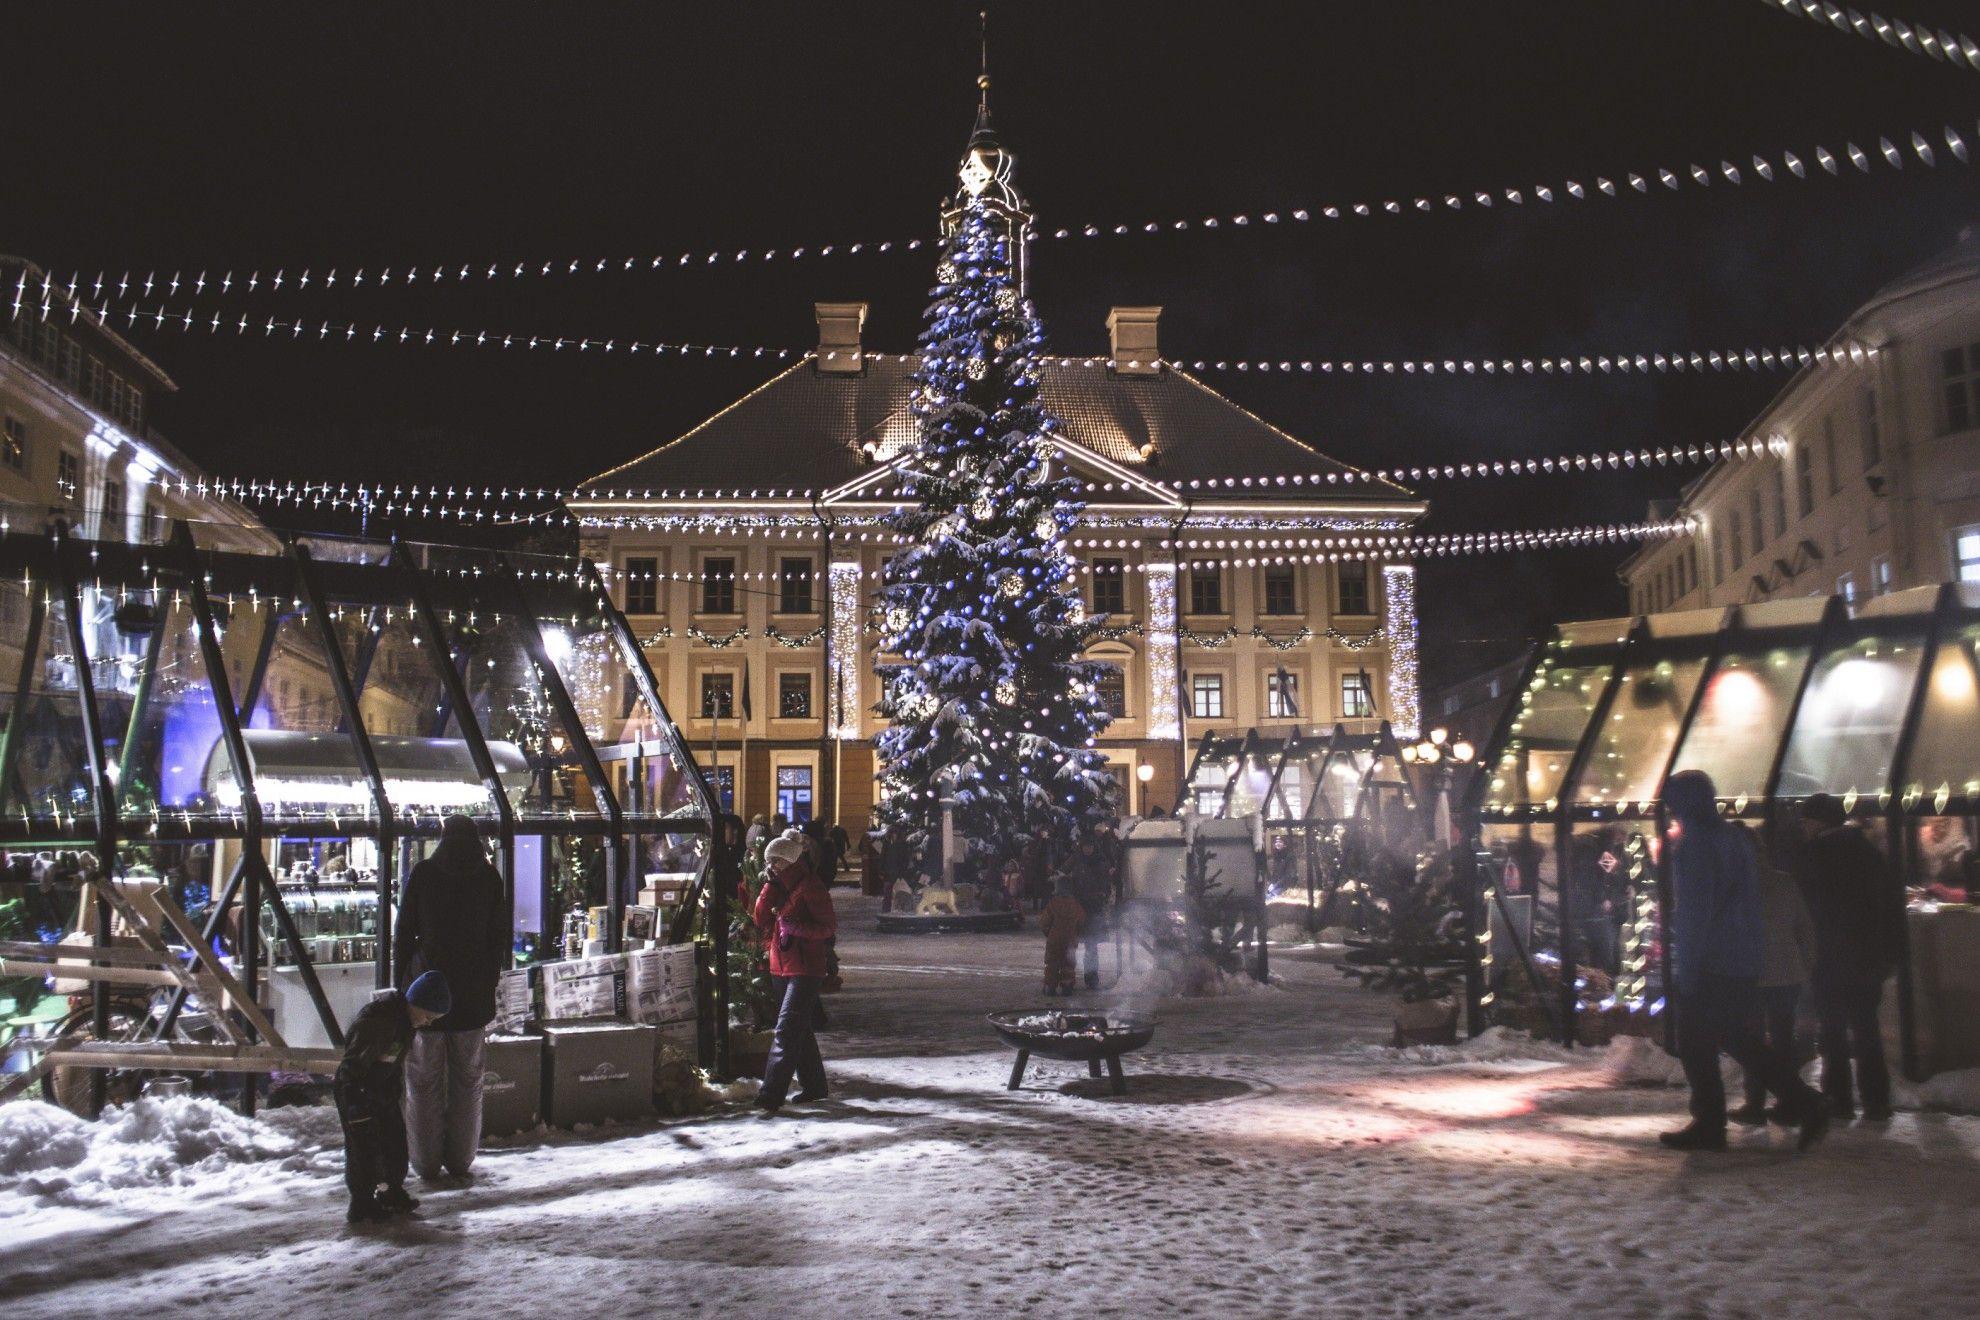 Tartu süütab täna jõulutuled Eesti suurima ühise jõulutervitusega